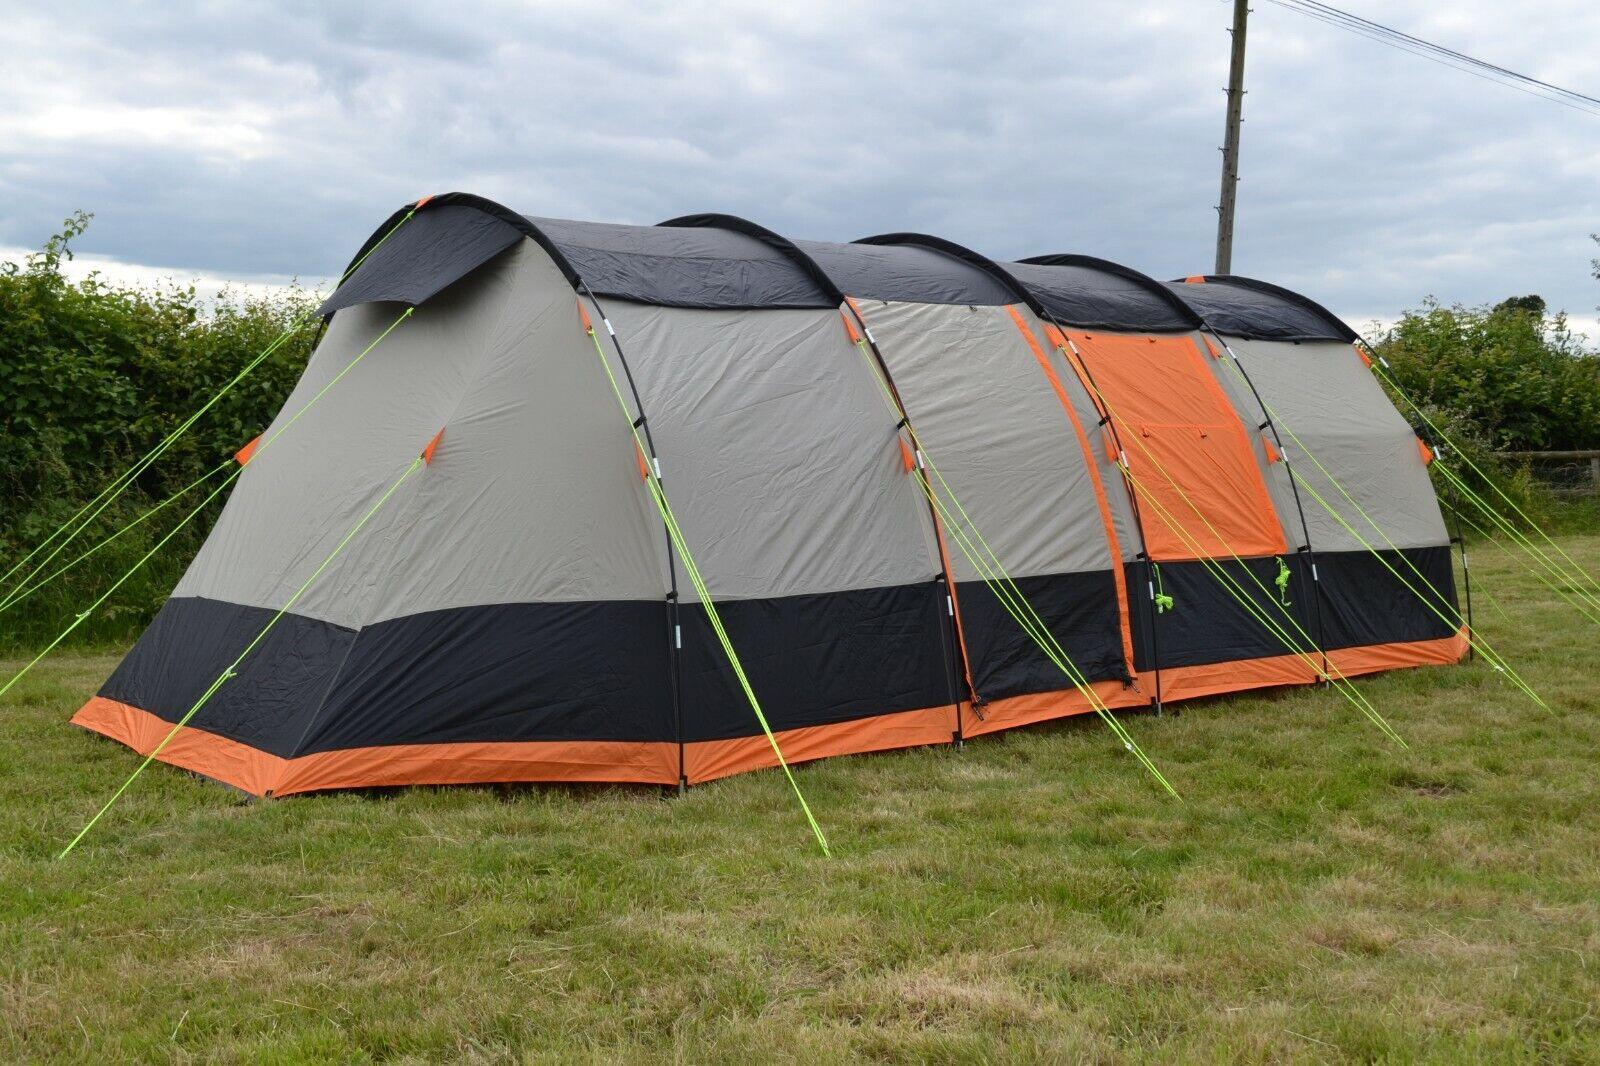 8 couchette Tente De Camping Familial huit homme tente-OLPro Wichenford 3.0 Gris /& Orange